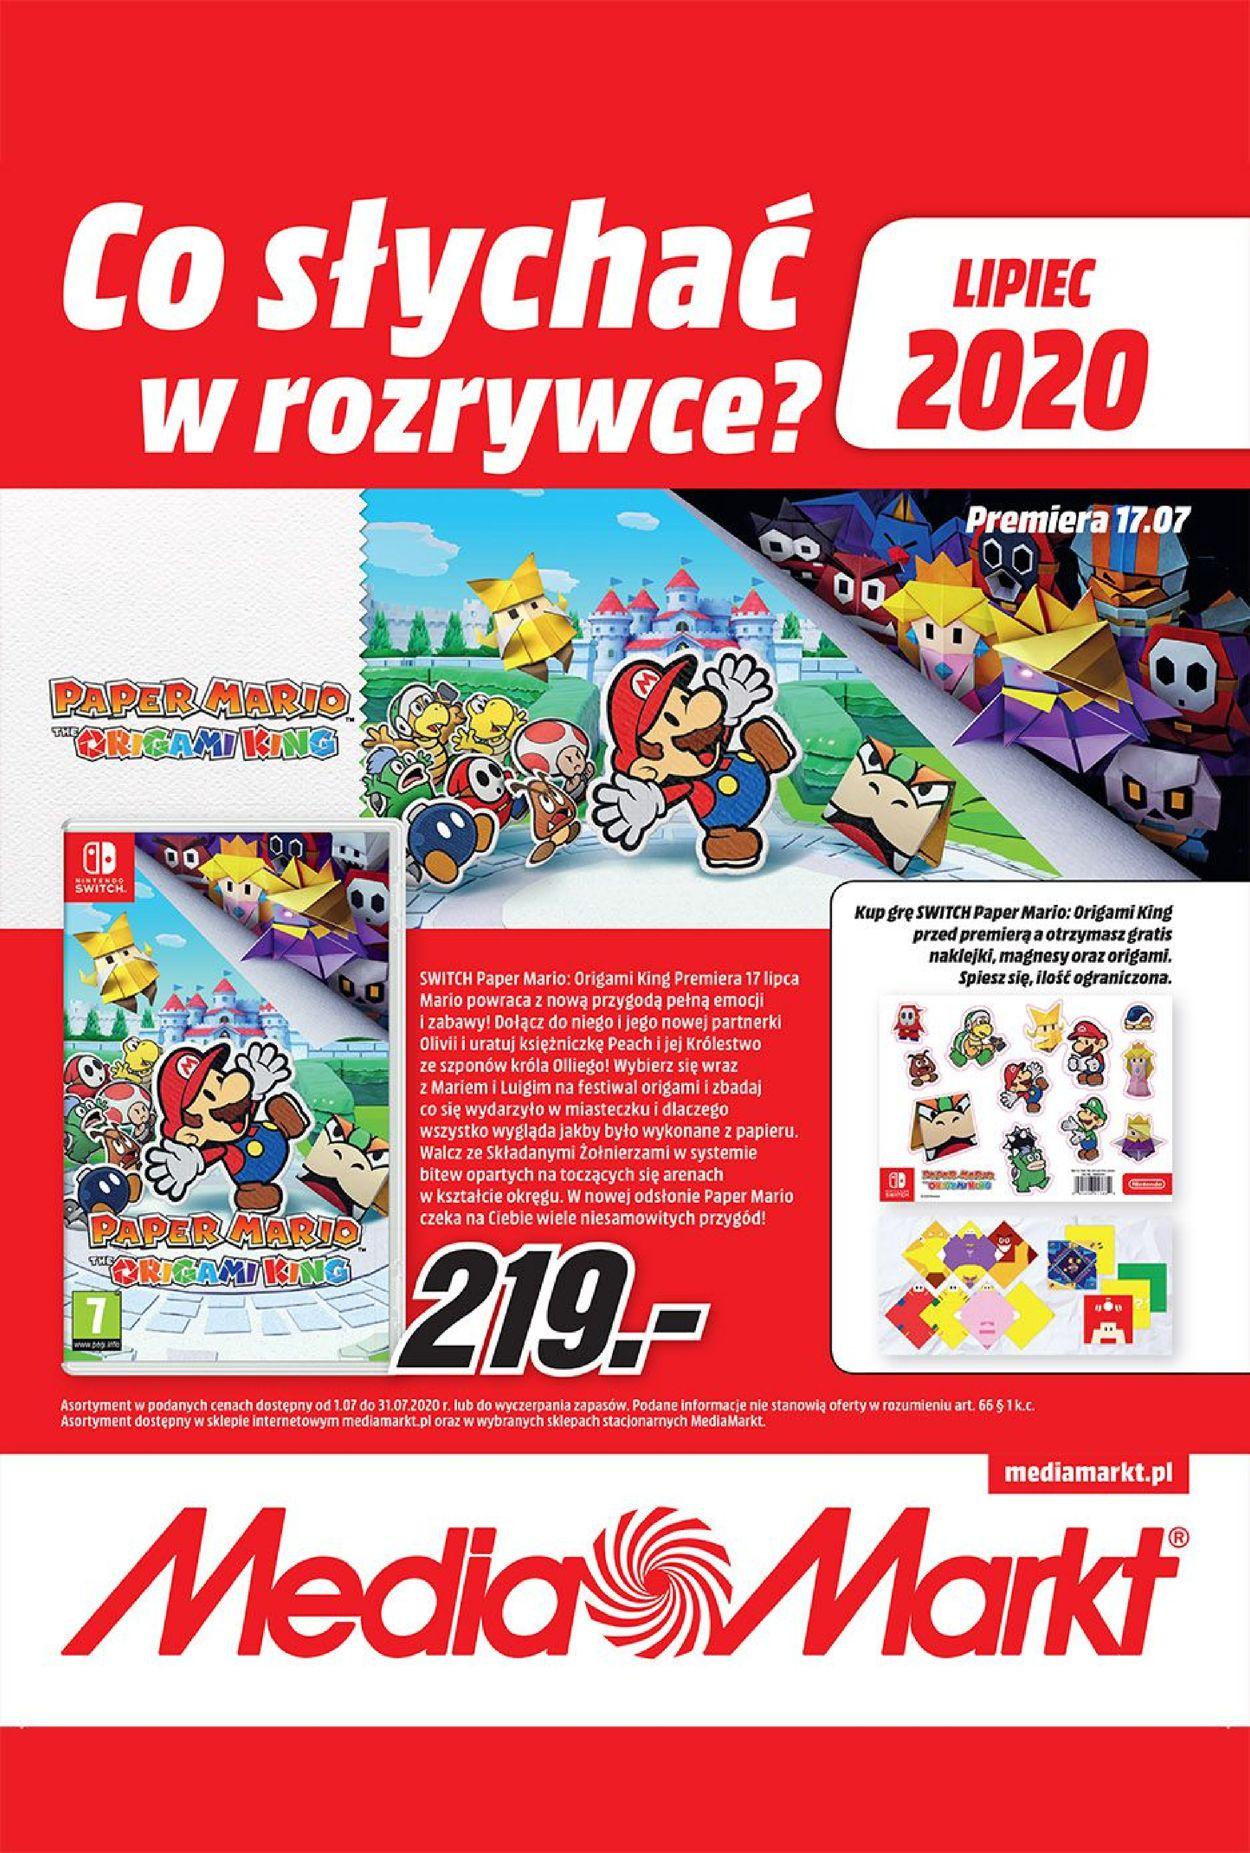 Gazetka promocyjna Media Markt - 07.07-31.07.2020